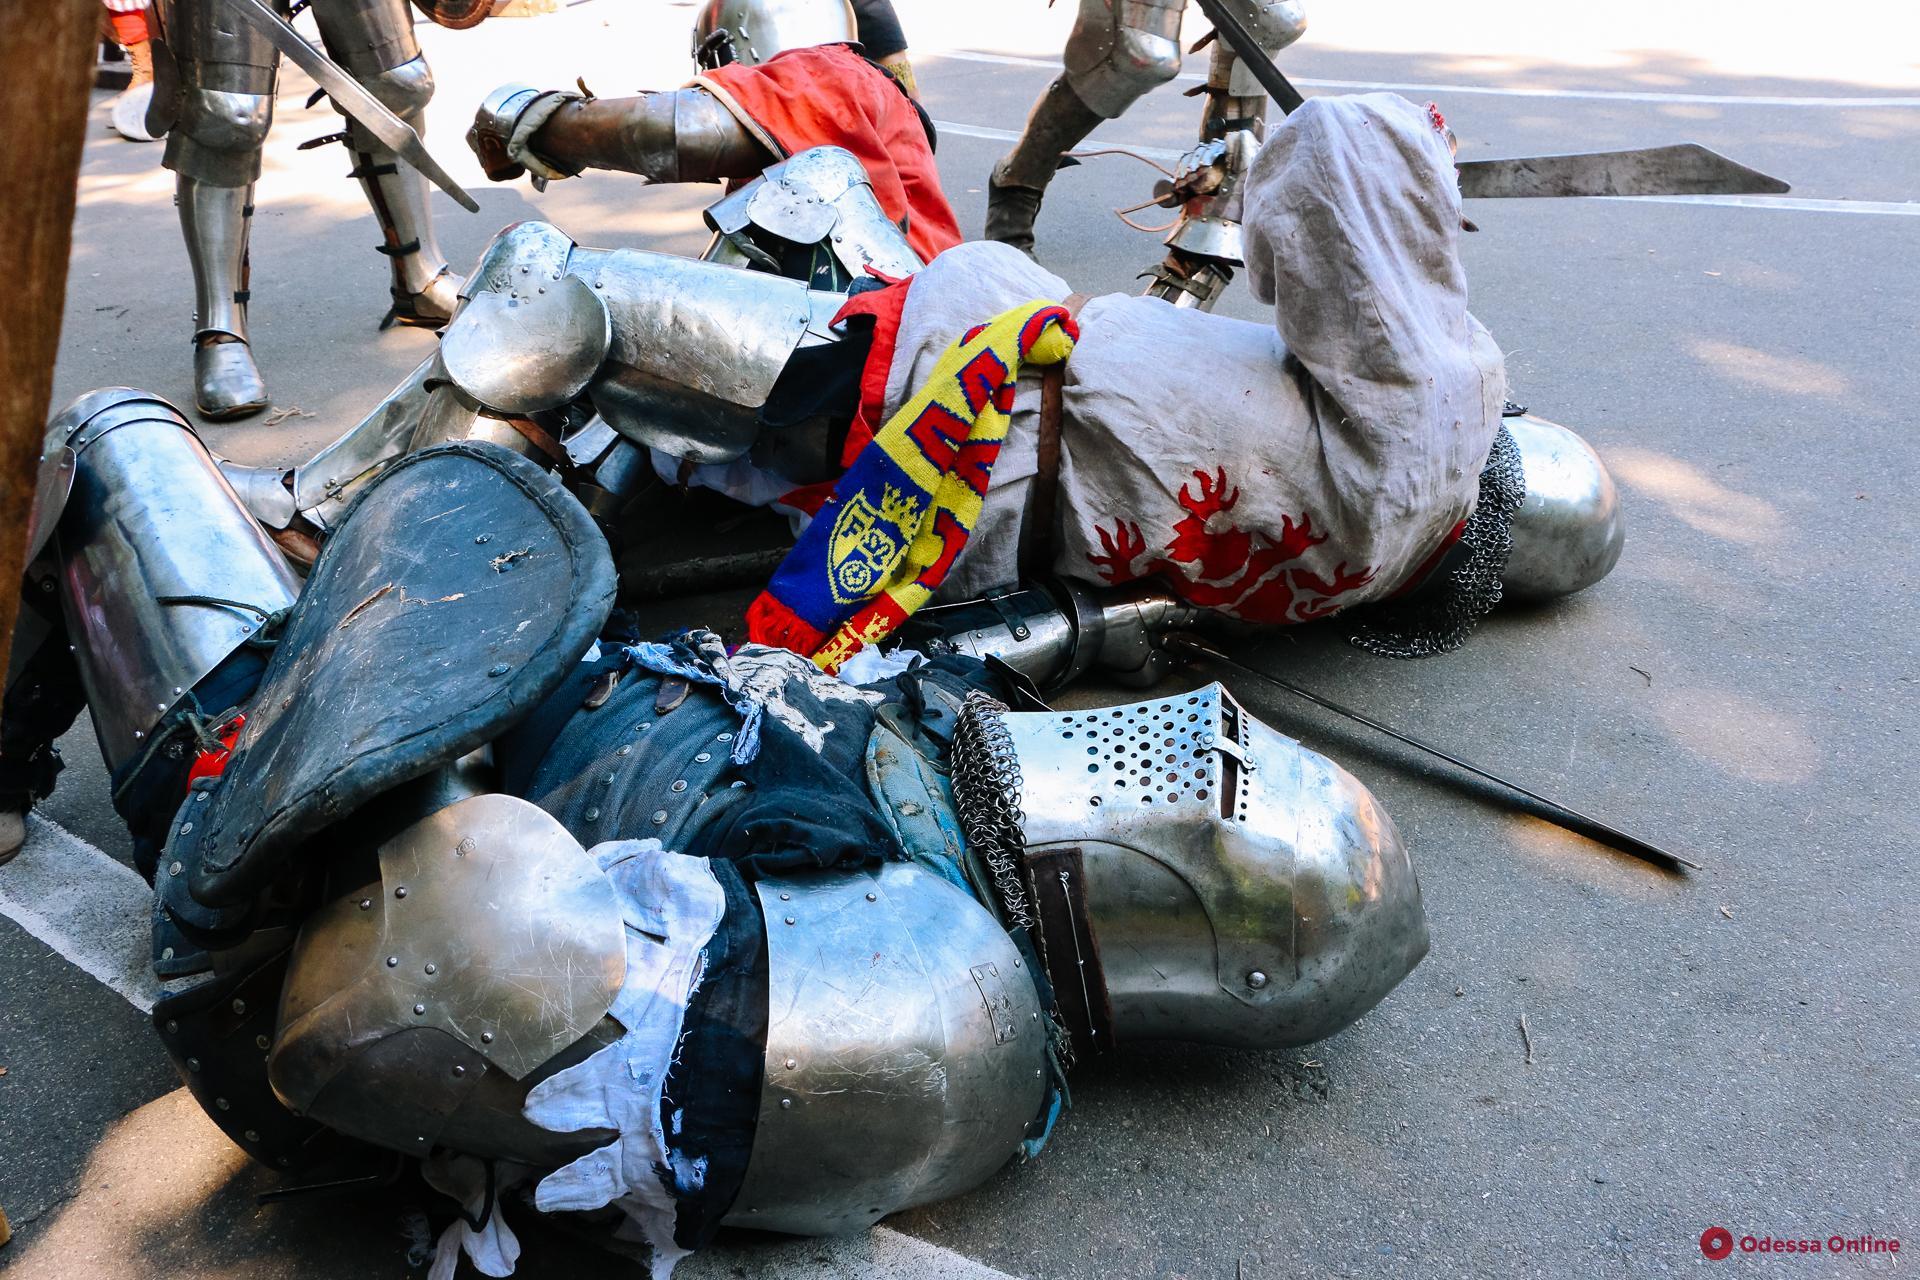 В Одессе проходит фестиваль средневековой культуры (фото)